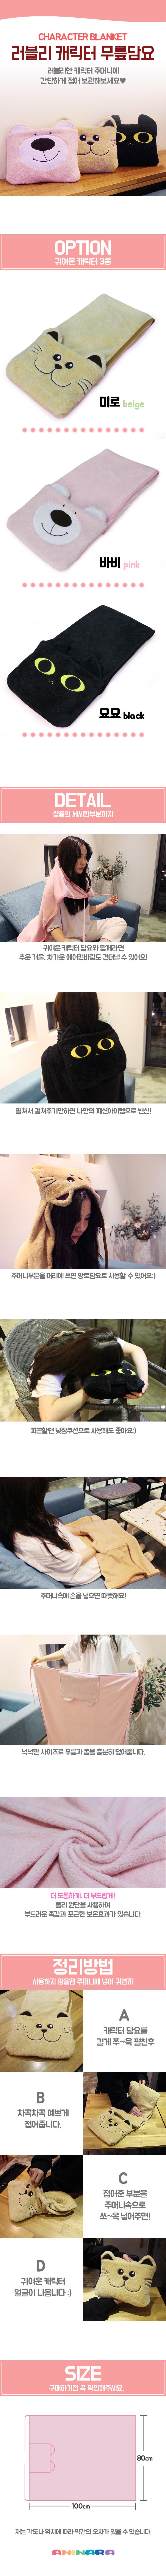 러블리 캐릭터 무릎담요 - 애니나라, 12,000원, 담요/블랑켓, 캐릭터/일러스트